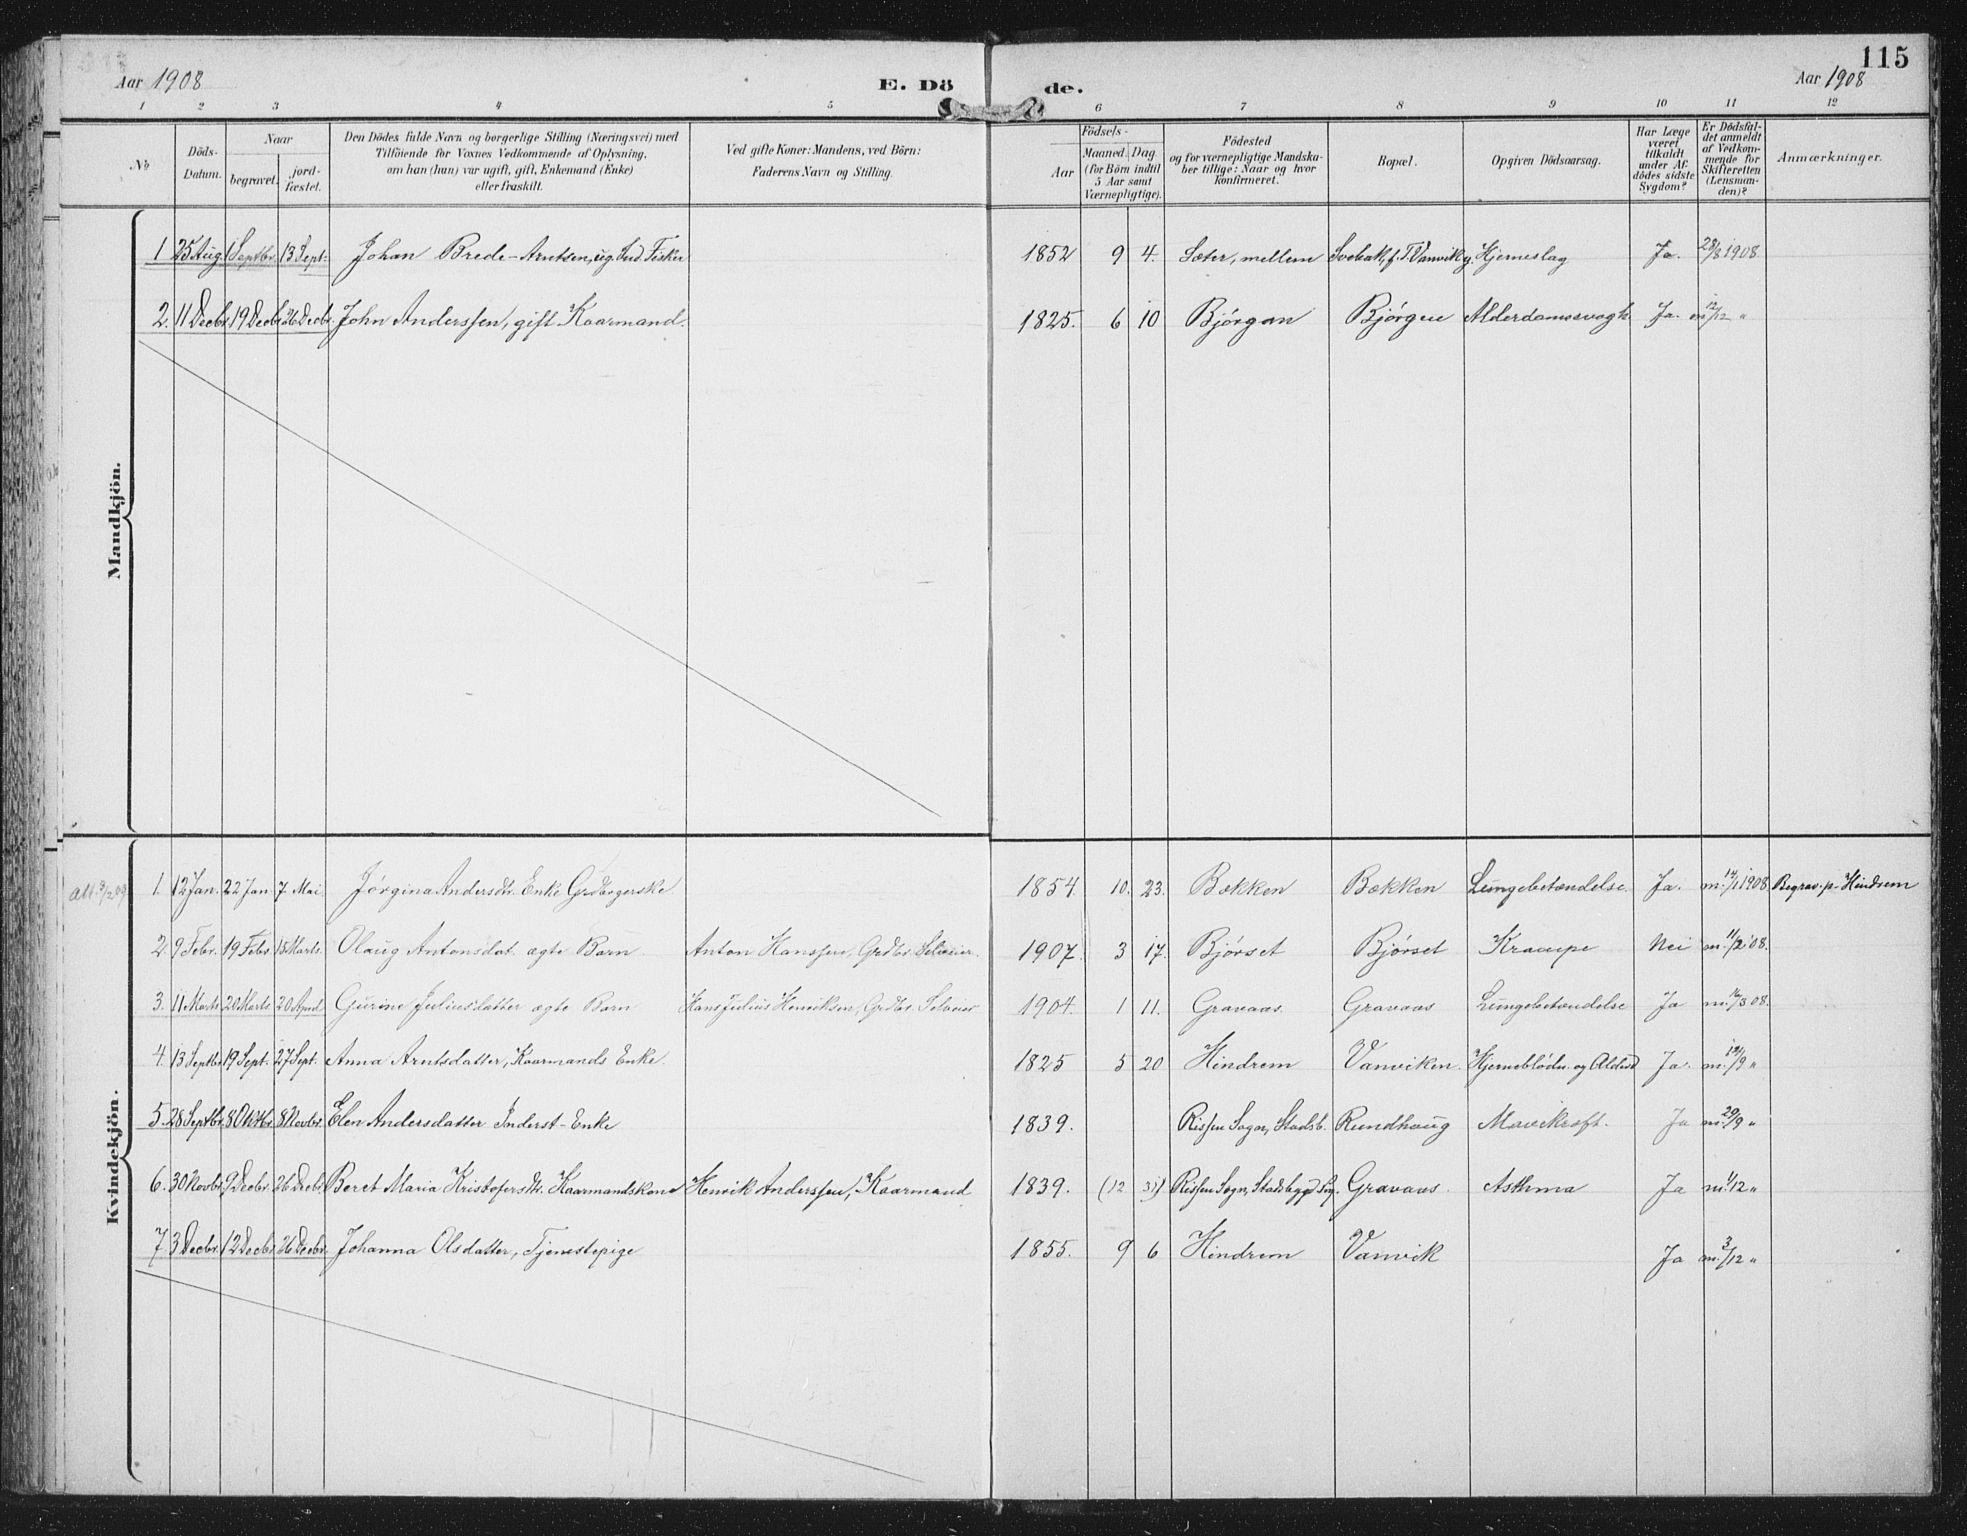 SAT, Ministerialprotokoller, klokkerbøker og fødselsregistre - Nord-Trøndelag, 702/L0024: Parish register (official) no. 702A02, 1898-1914, p. 115